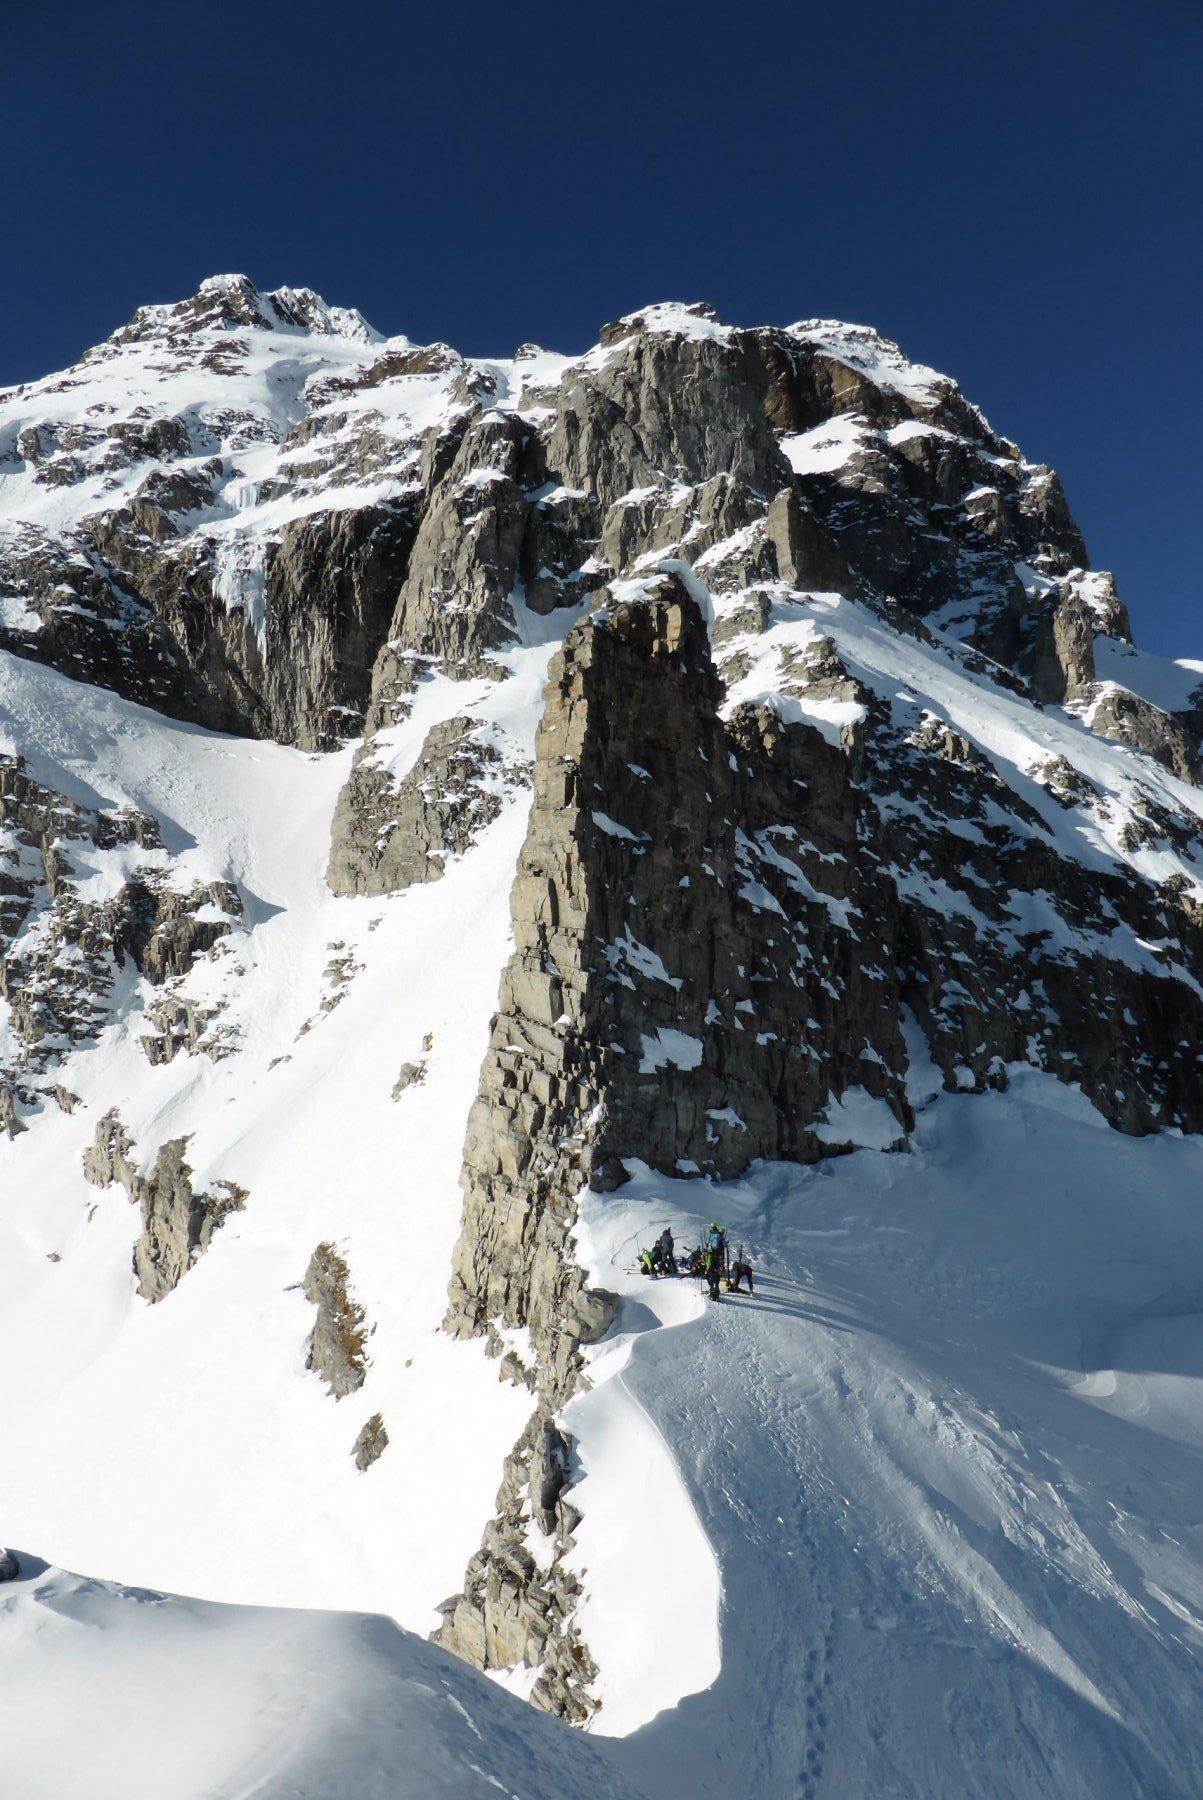 La cresta sommitale e il deposito sci